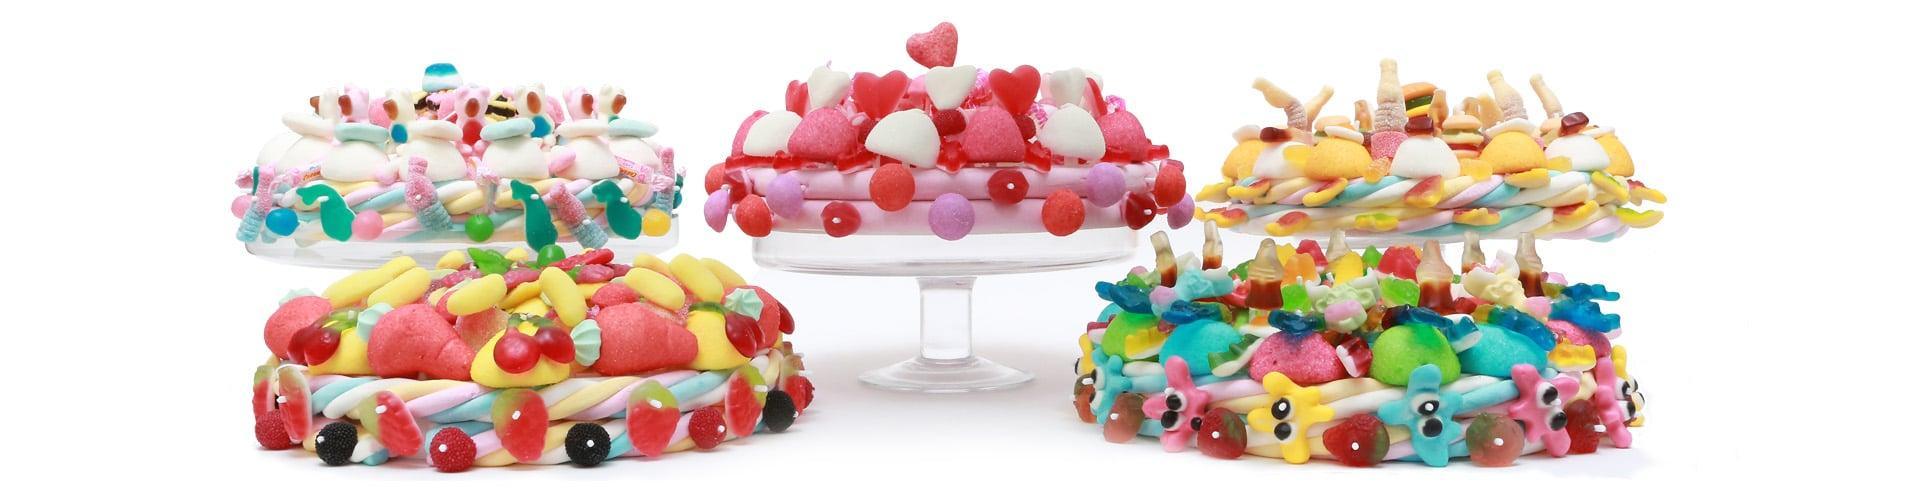 bandeau presentation gateaux de bonbons